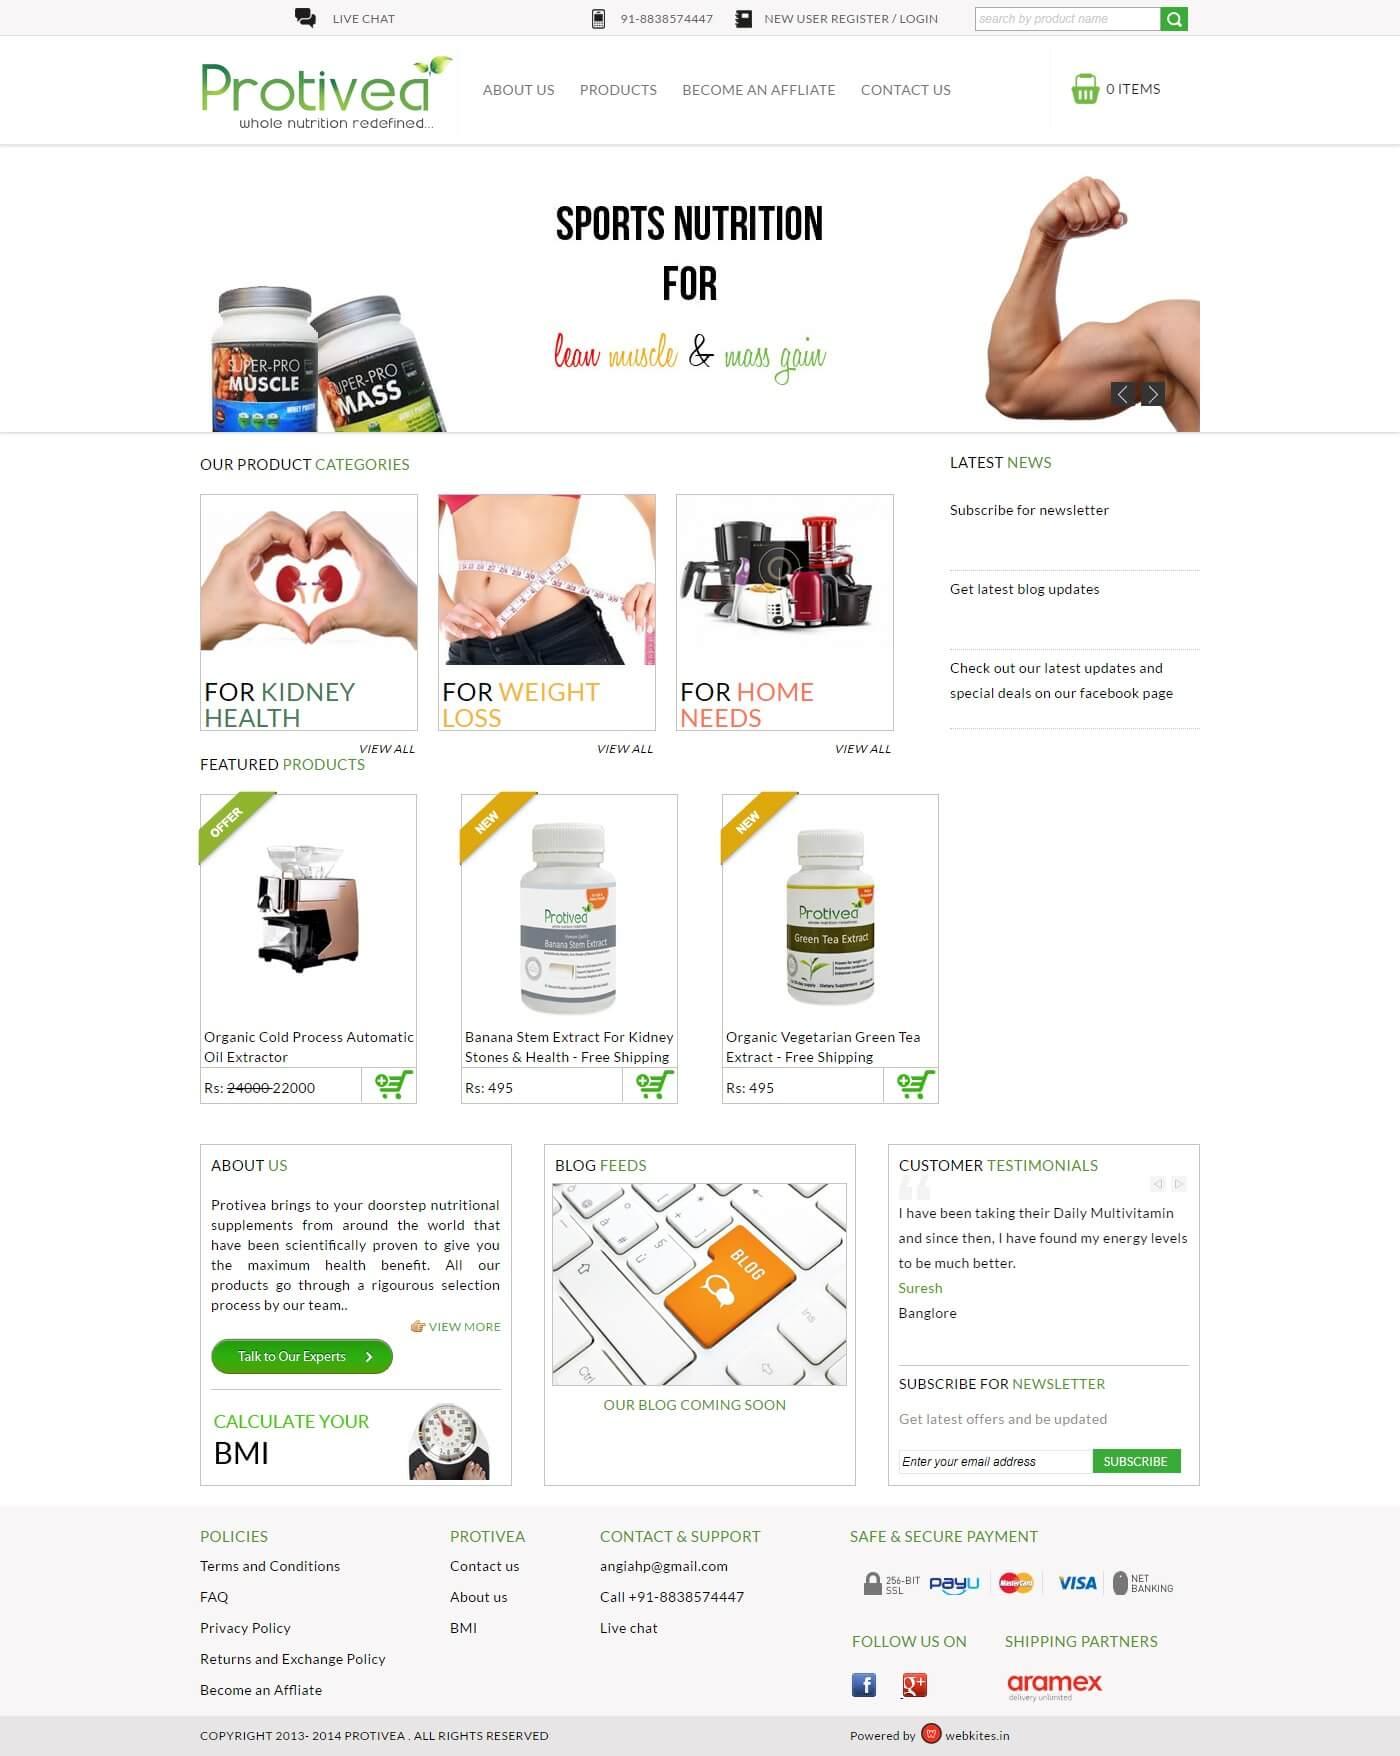 Ecommerce website for protivea.com